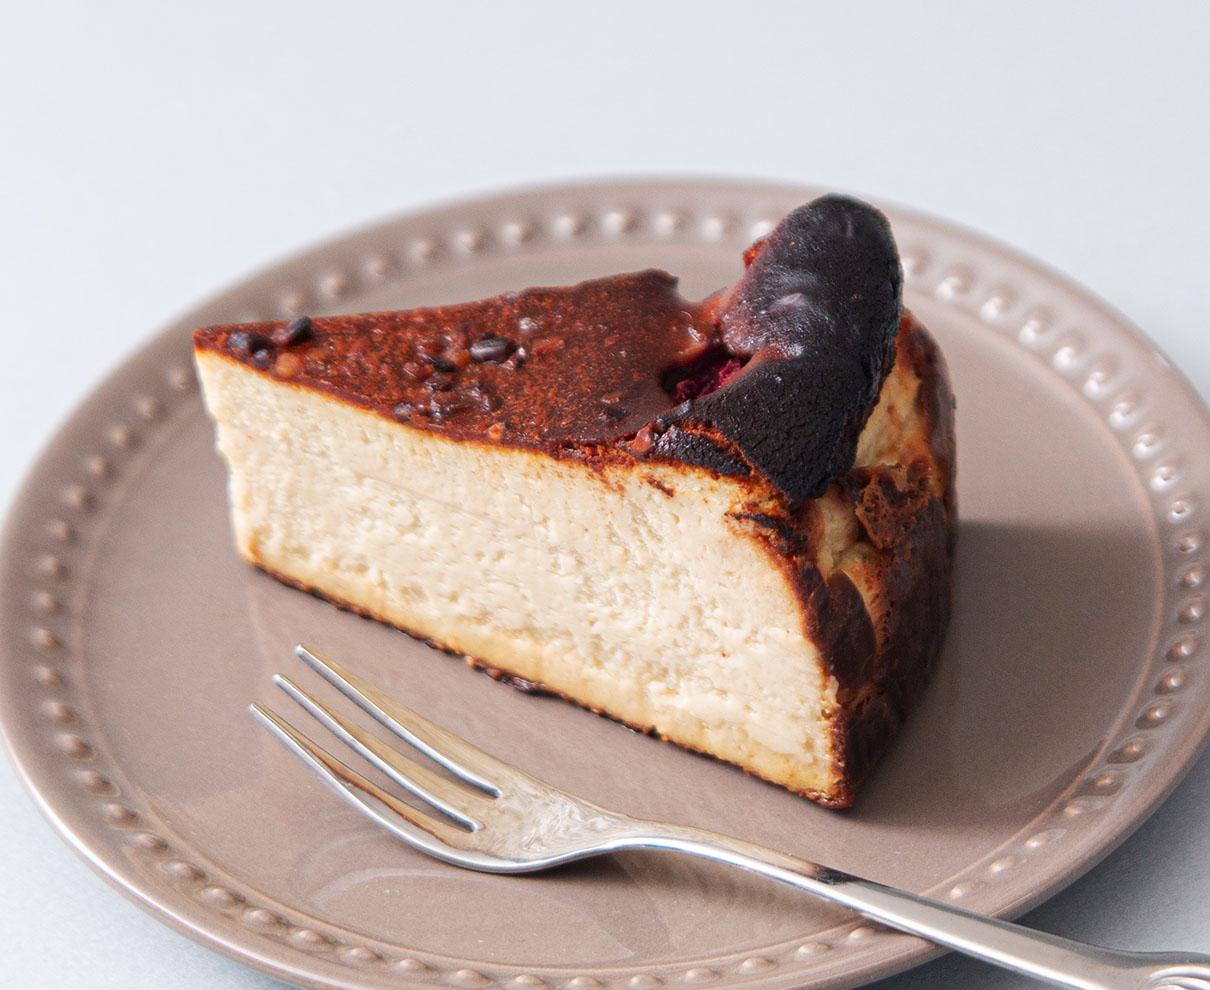 Meringue vanillの苺とピスタチオのバスクチーズケーキ|しあわせな、おやつ